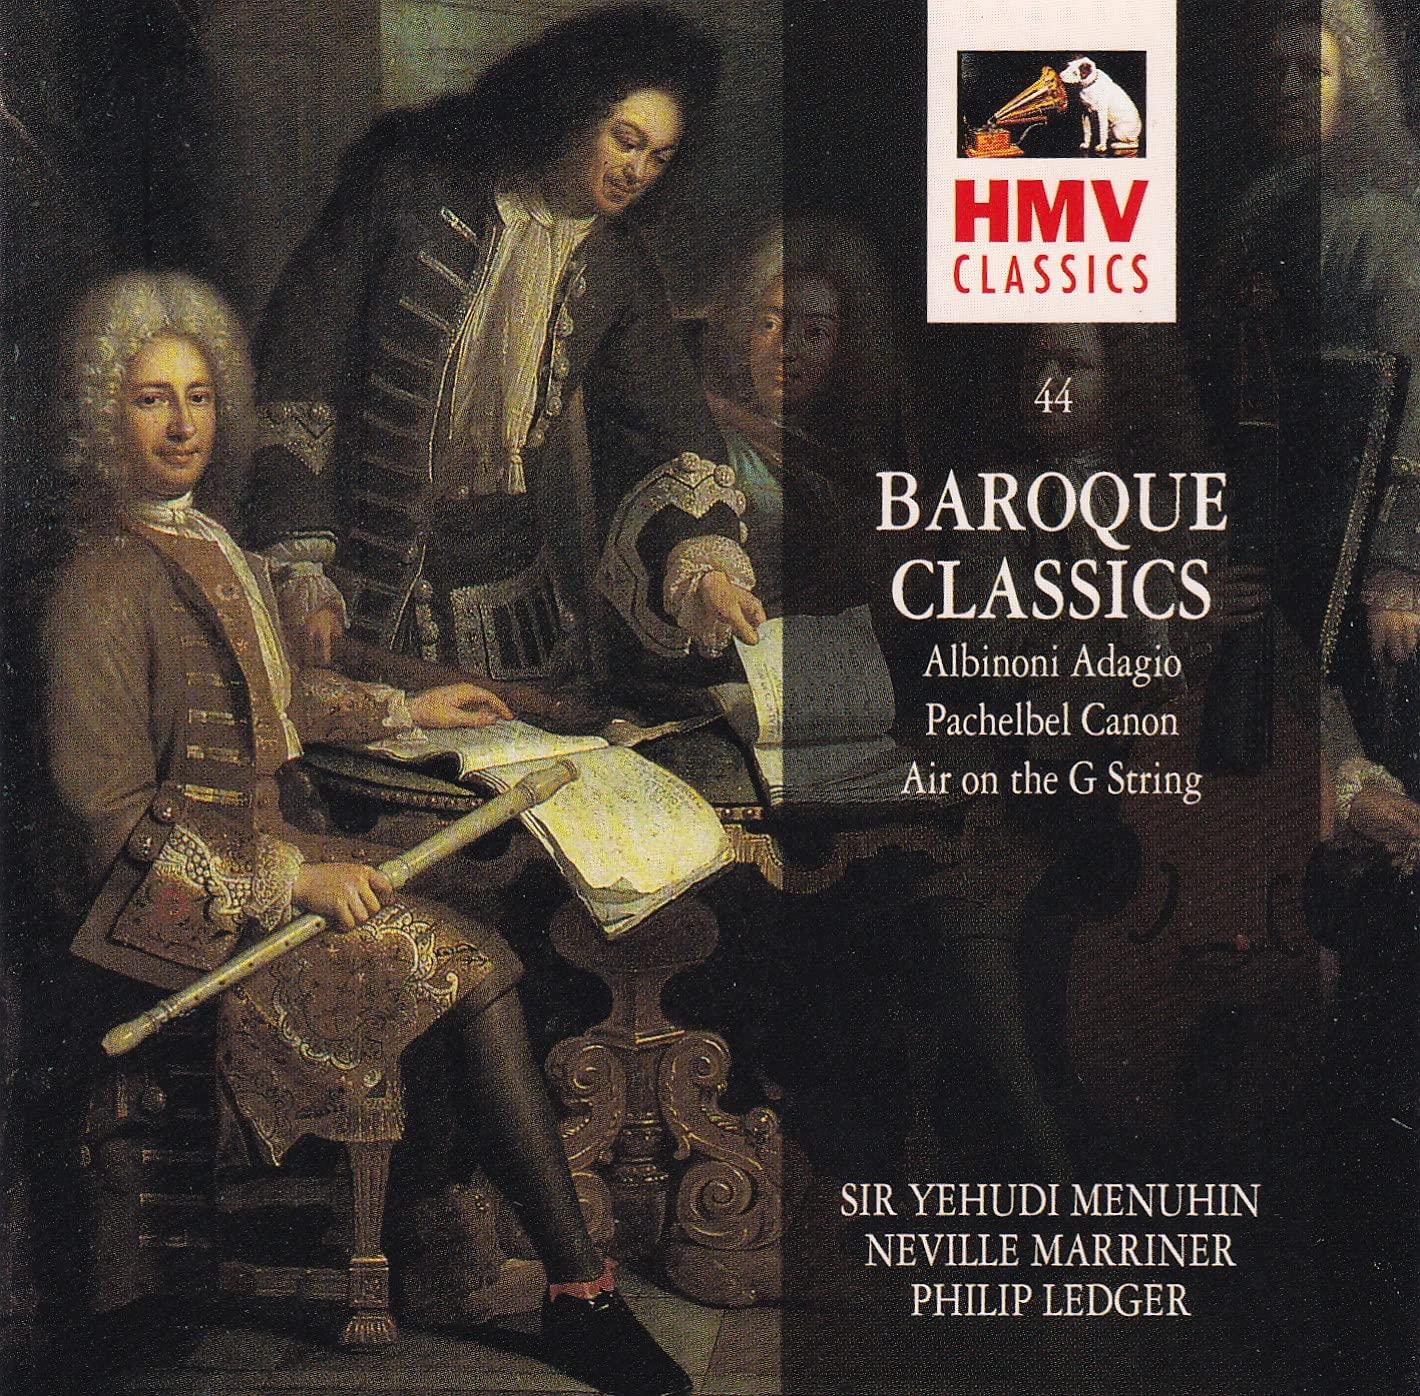 Baroque Classics: Albinoni Adagio Pachelbel G discount Limited price the Canon Air on